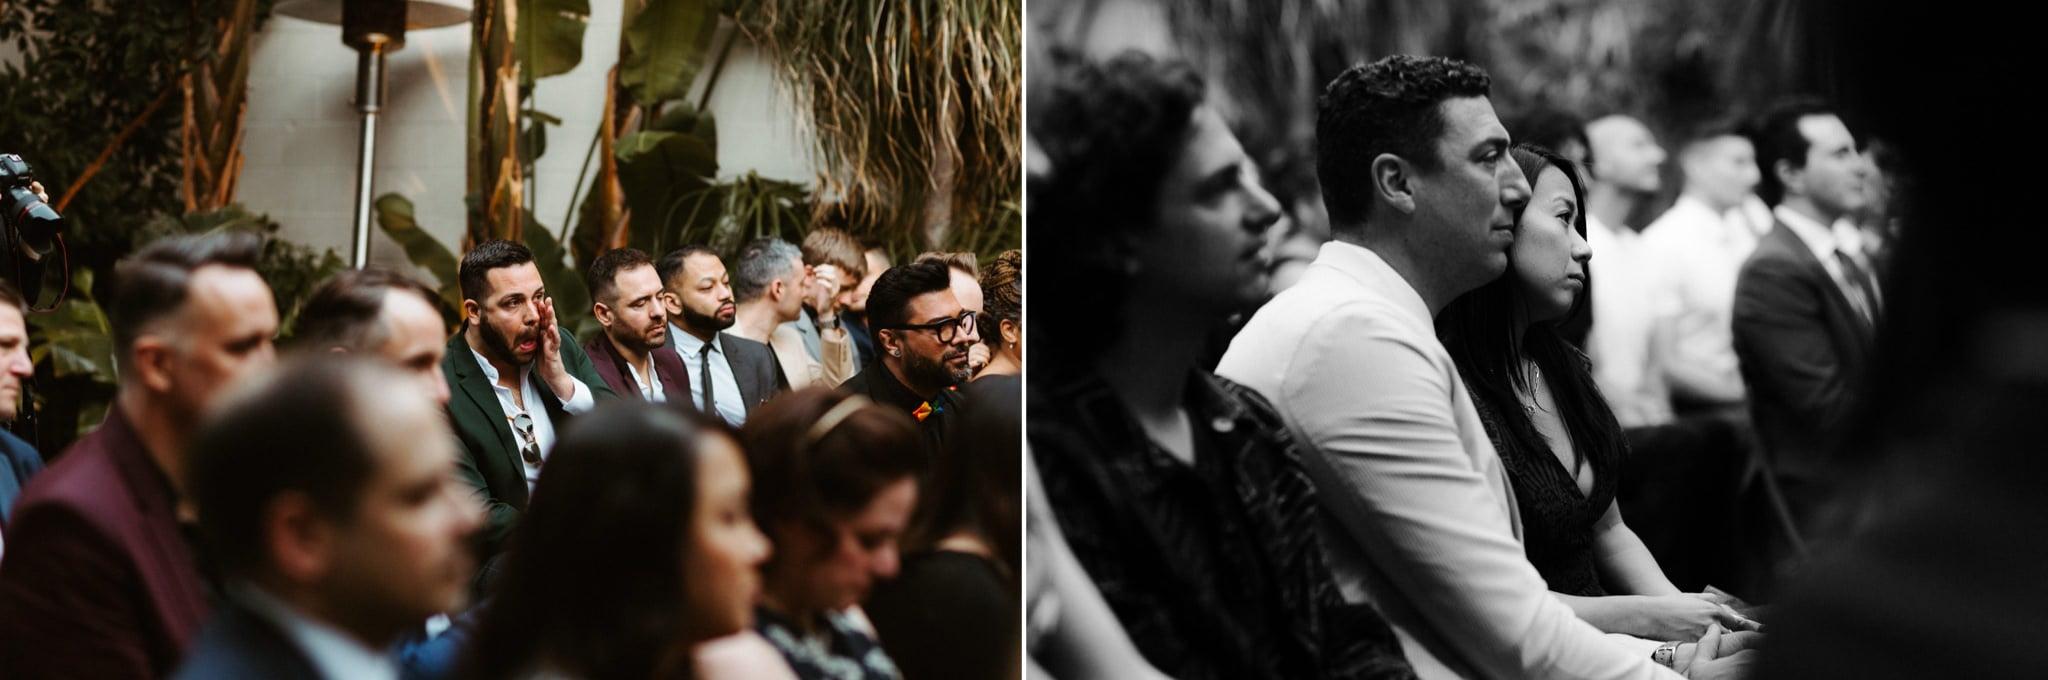 dtla wedding photographer 085